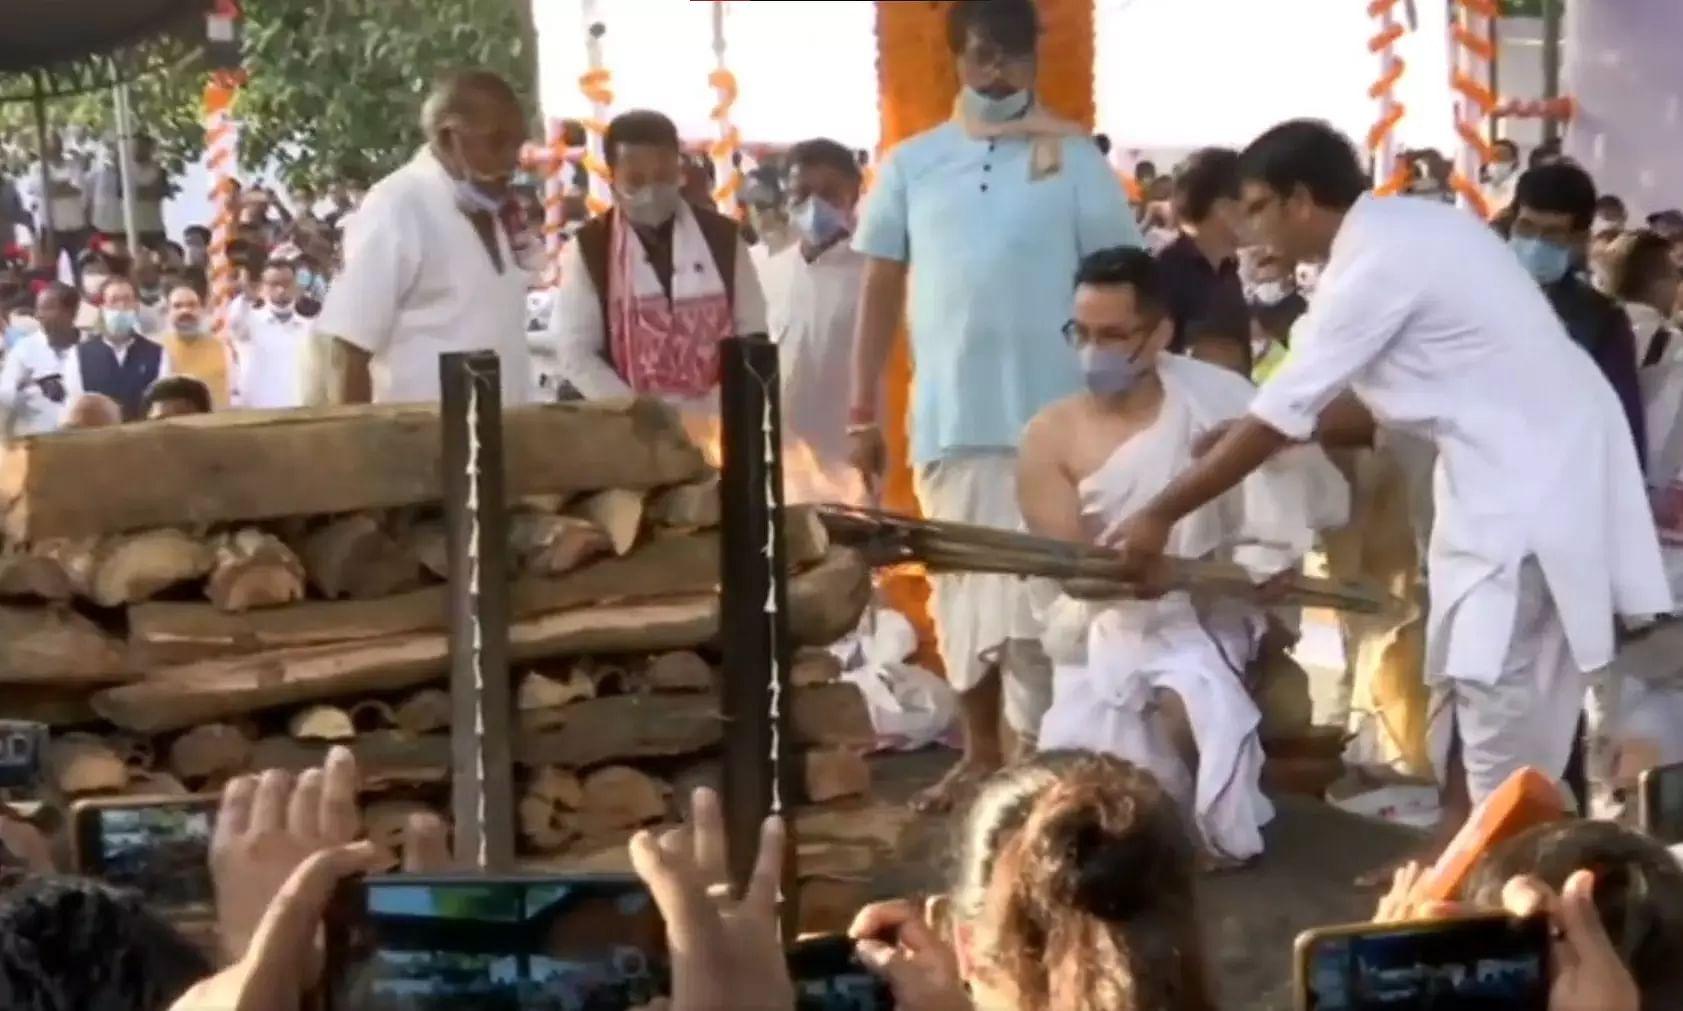 Assam bid adieu to its most loved three-time fmr Chief Minister Tarun Gogoi